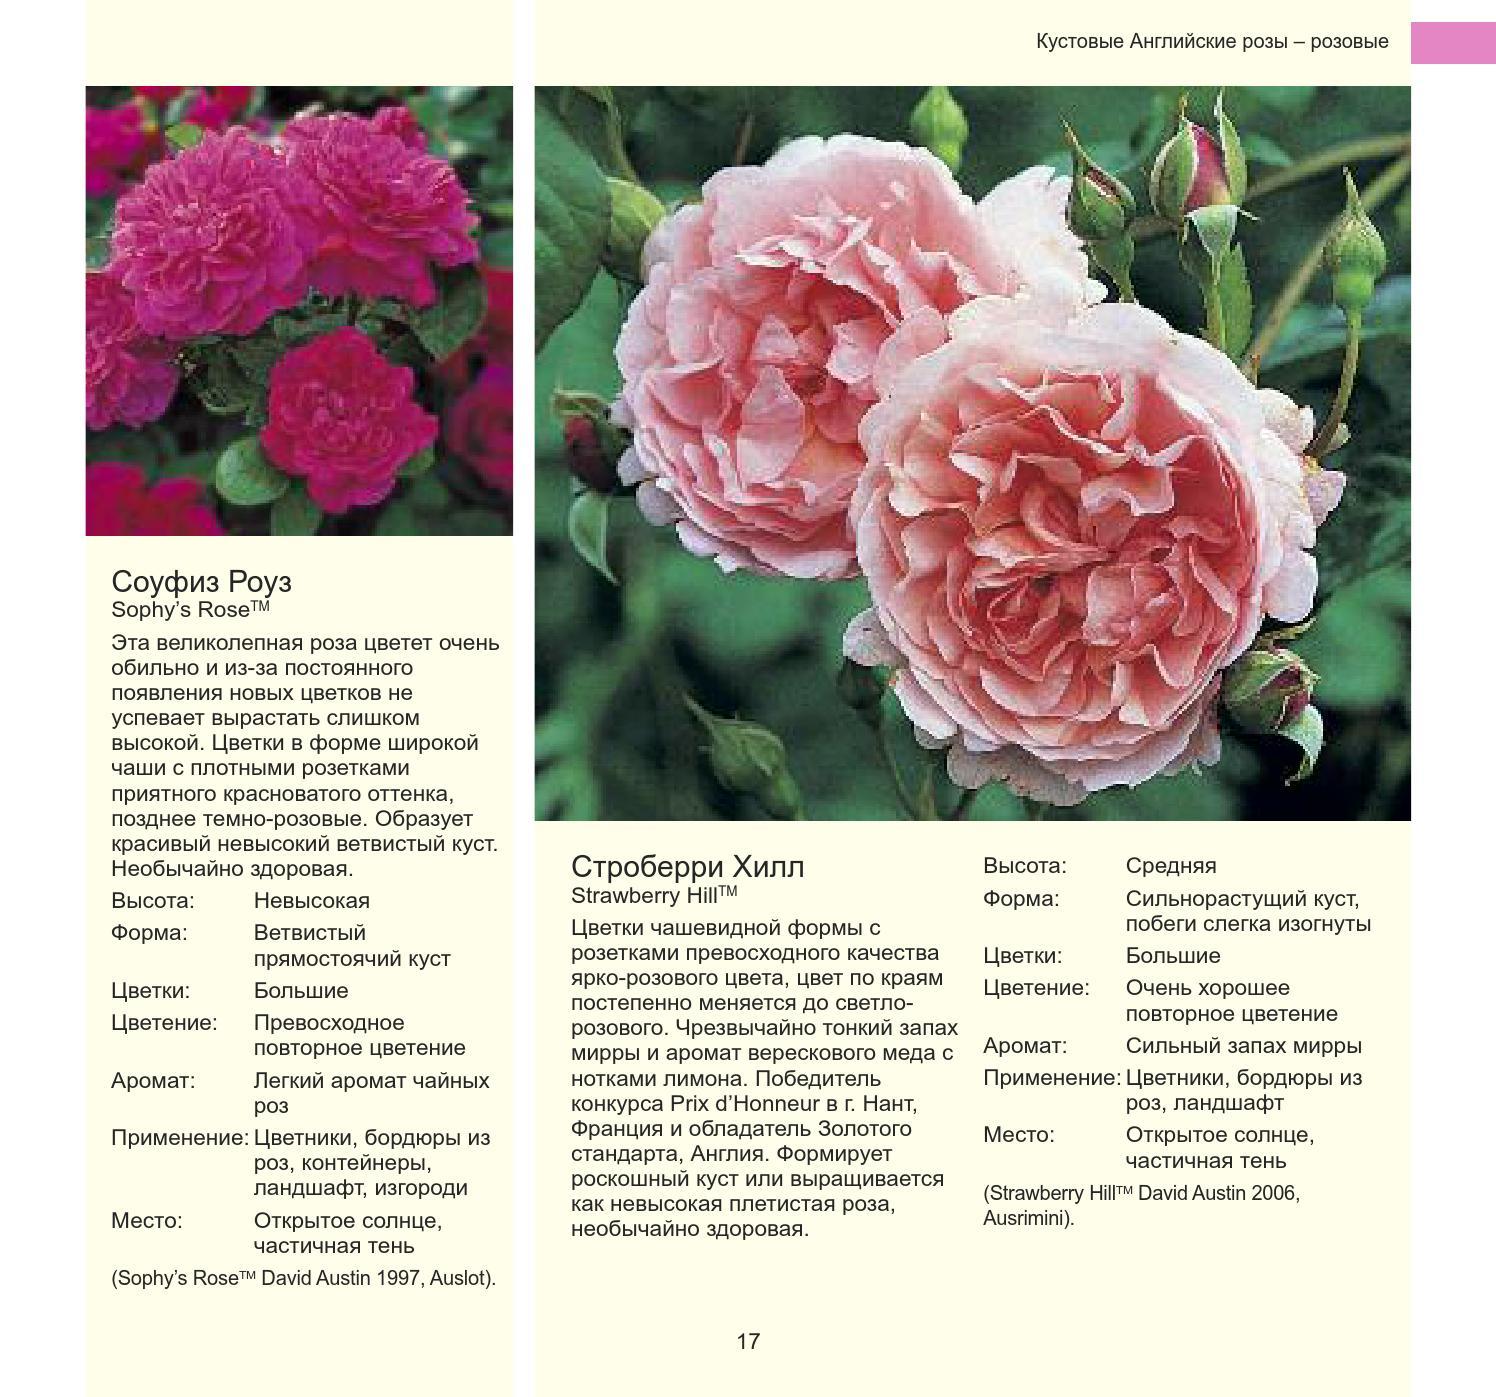 Самые лучшие сорта плетистых роз для выращивания в россии в 2021 года.